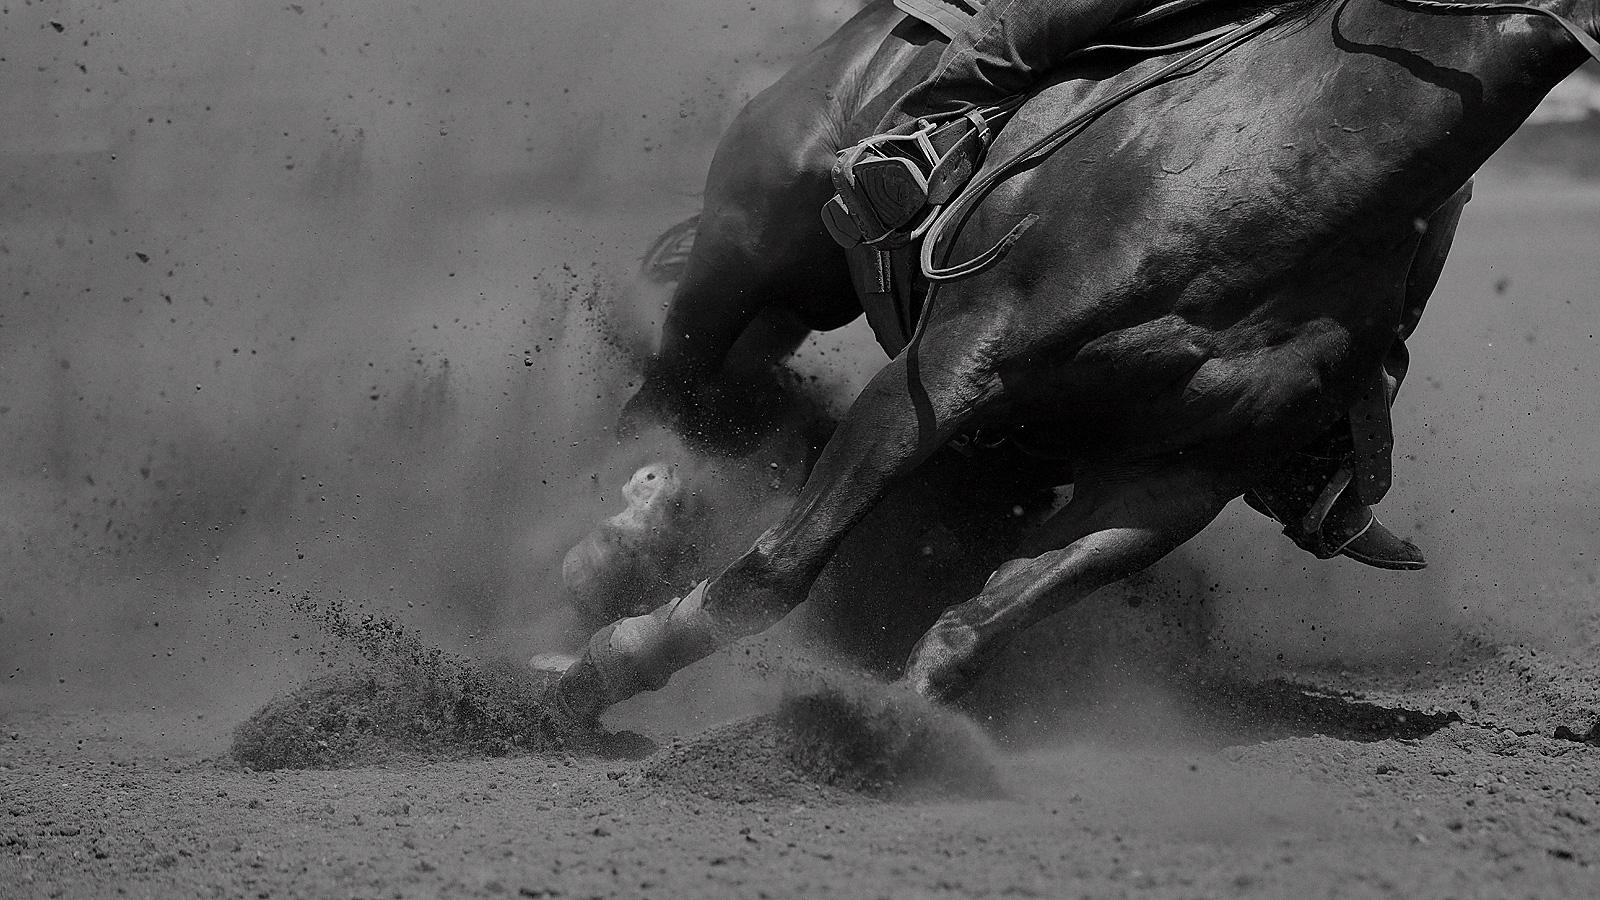 Уникальная возможность поучаствовать в настоящих состязаниях ковбоев